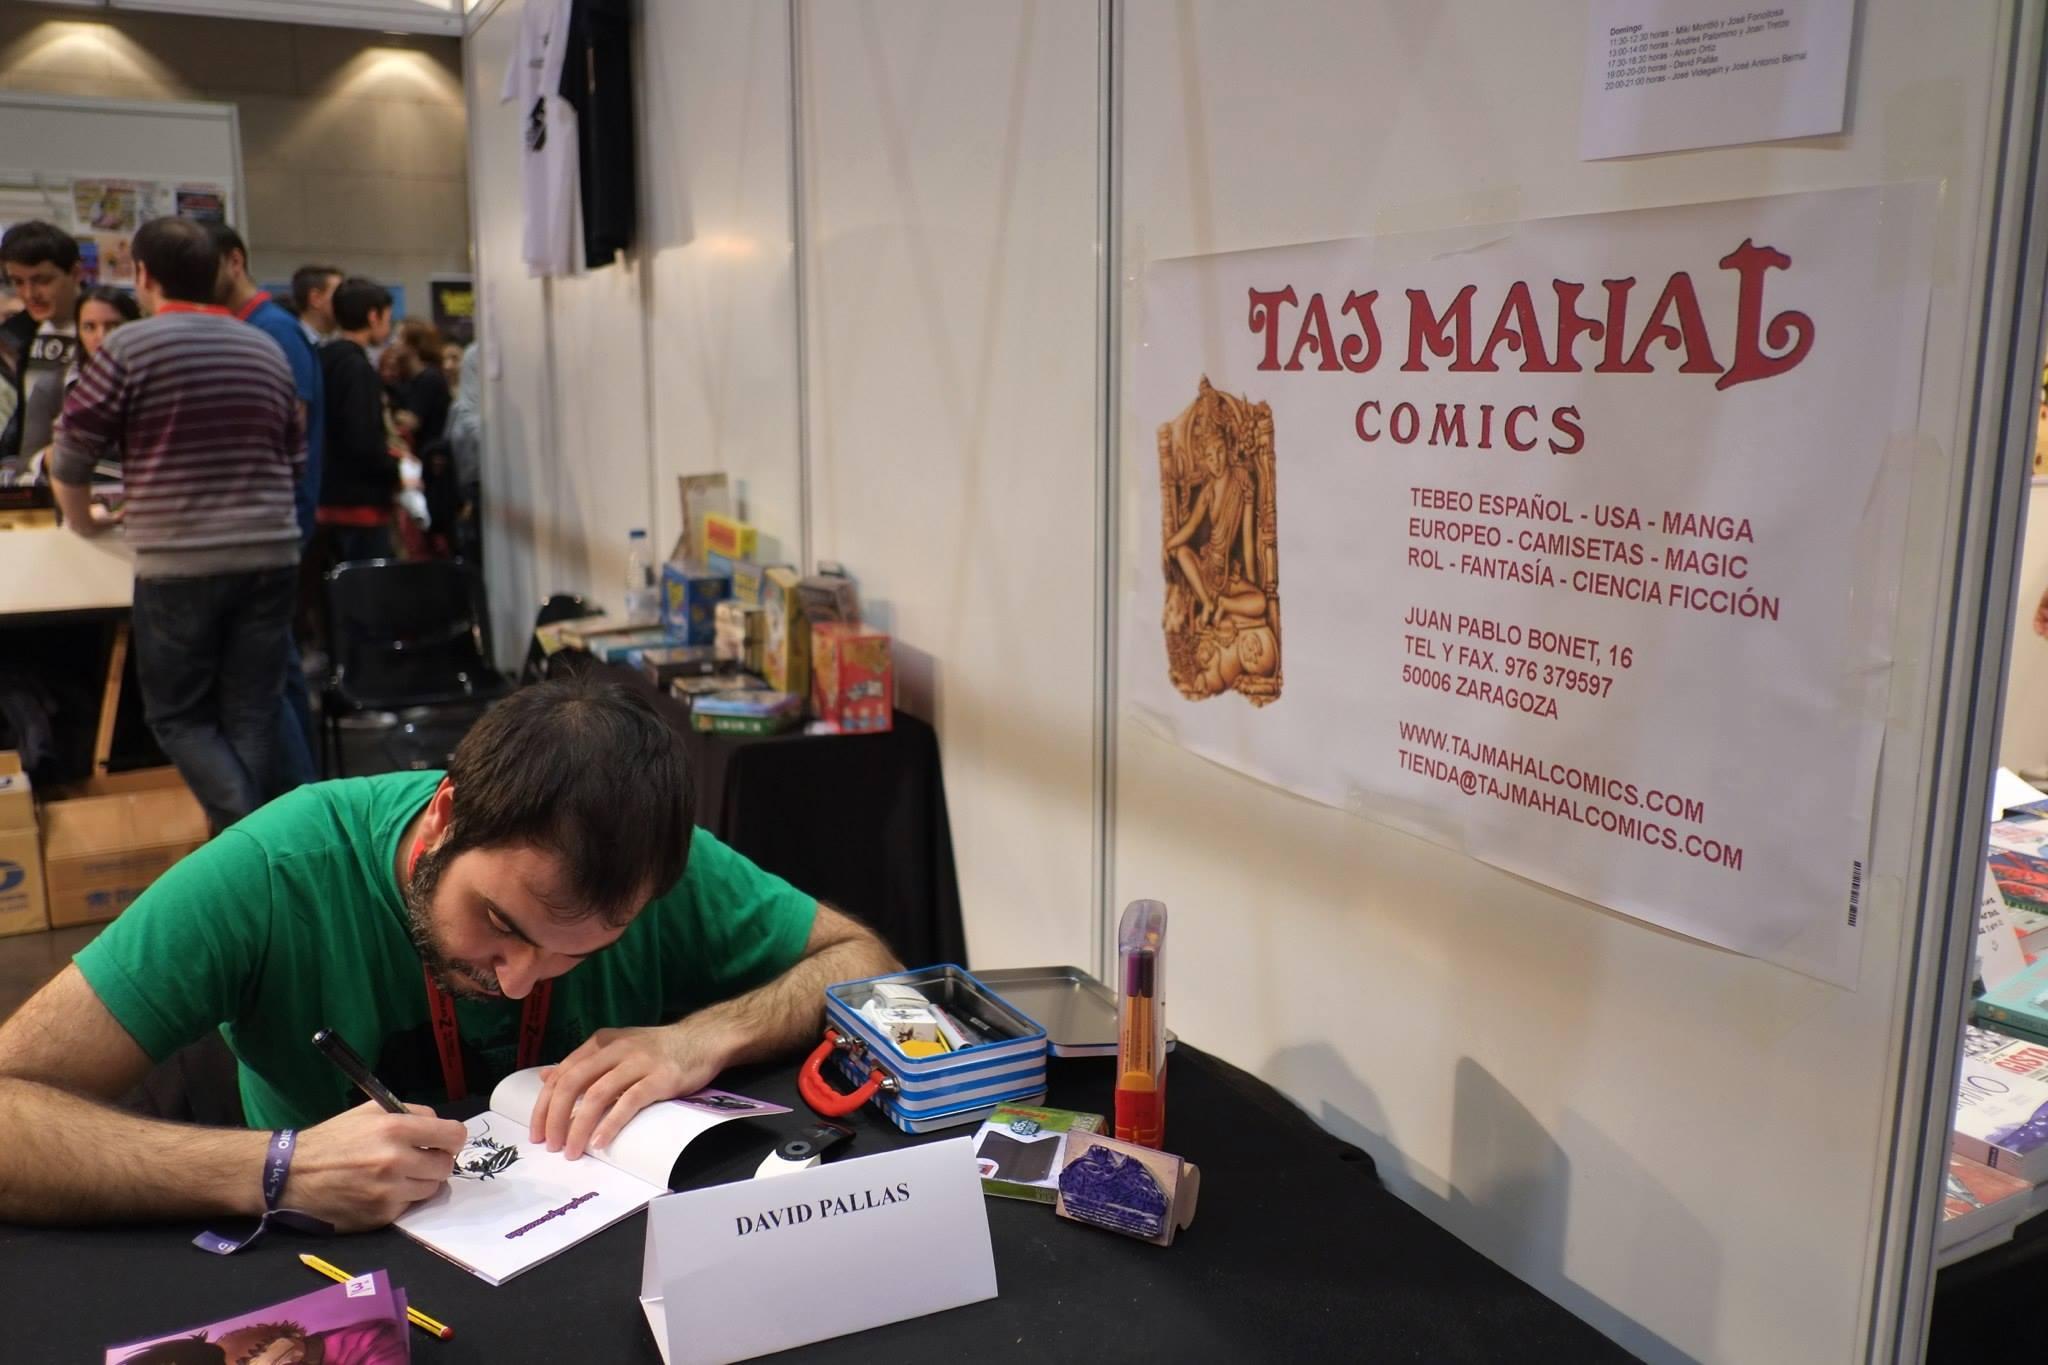 Salón_del_Comic_2015_David_Pallás_Gozalo__Firma_Los_Príncipes_Morados_4